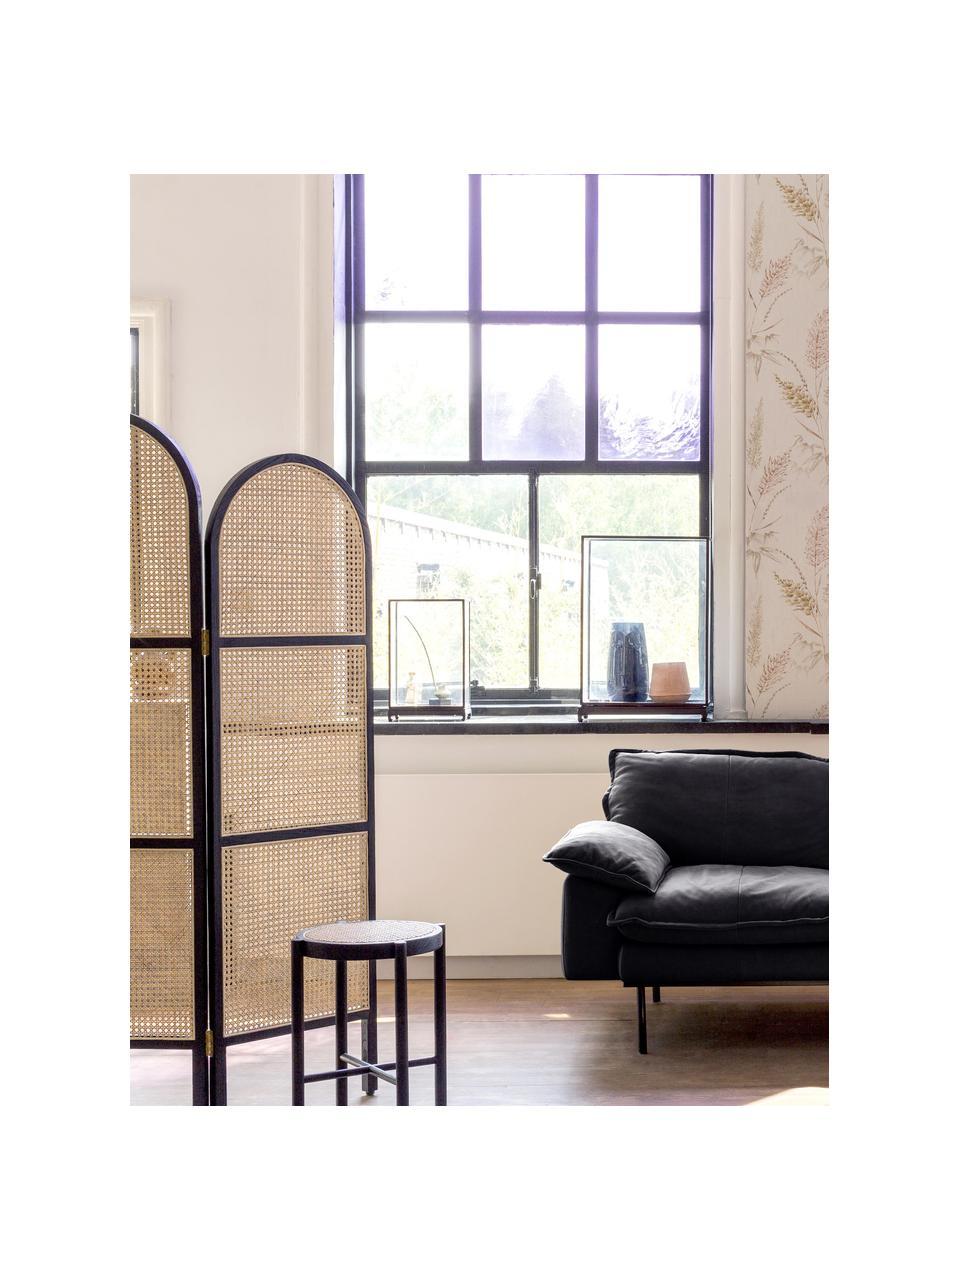 Paravento con intreccio viennese Webbing, Cornice: legno Sungkai, Intreccio viennese: canna da zucchero, Nero, Larg. 150 x Alt. 180 cm